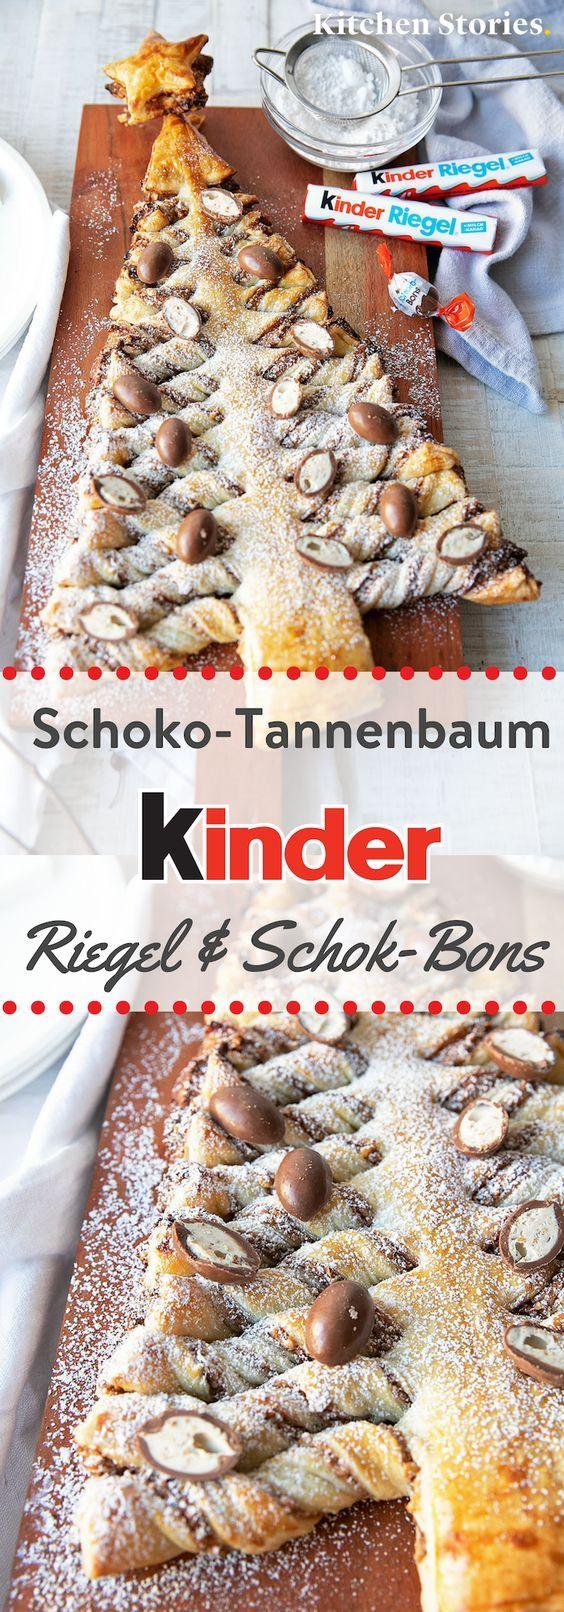 Schoko-Tannenbaum von kinder | Rezept mit Video | Kitchen Stories